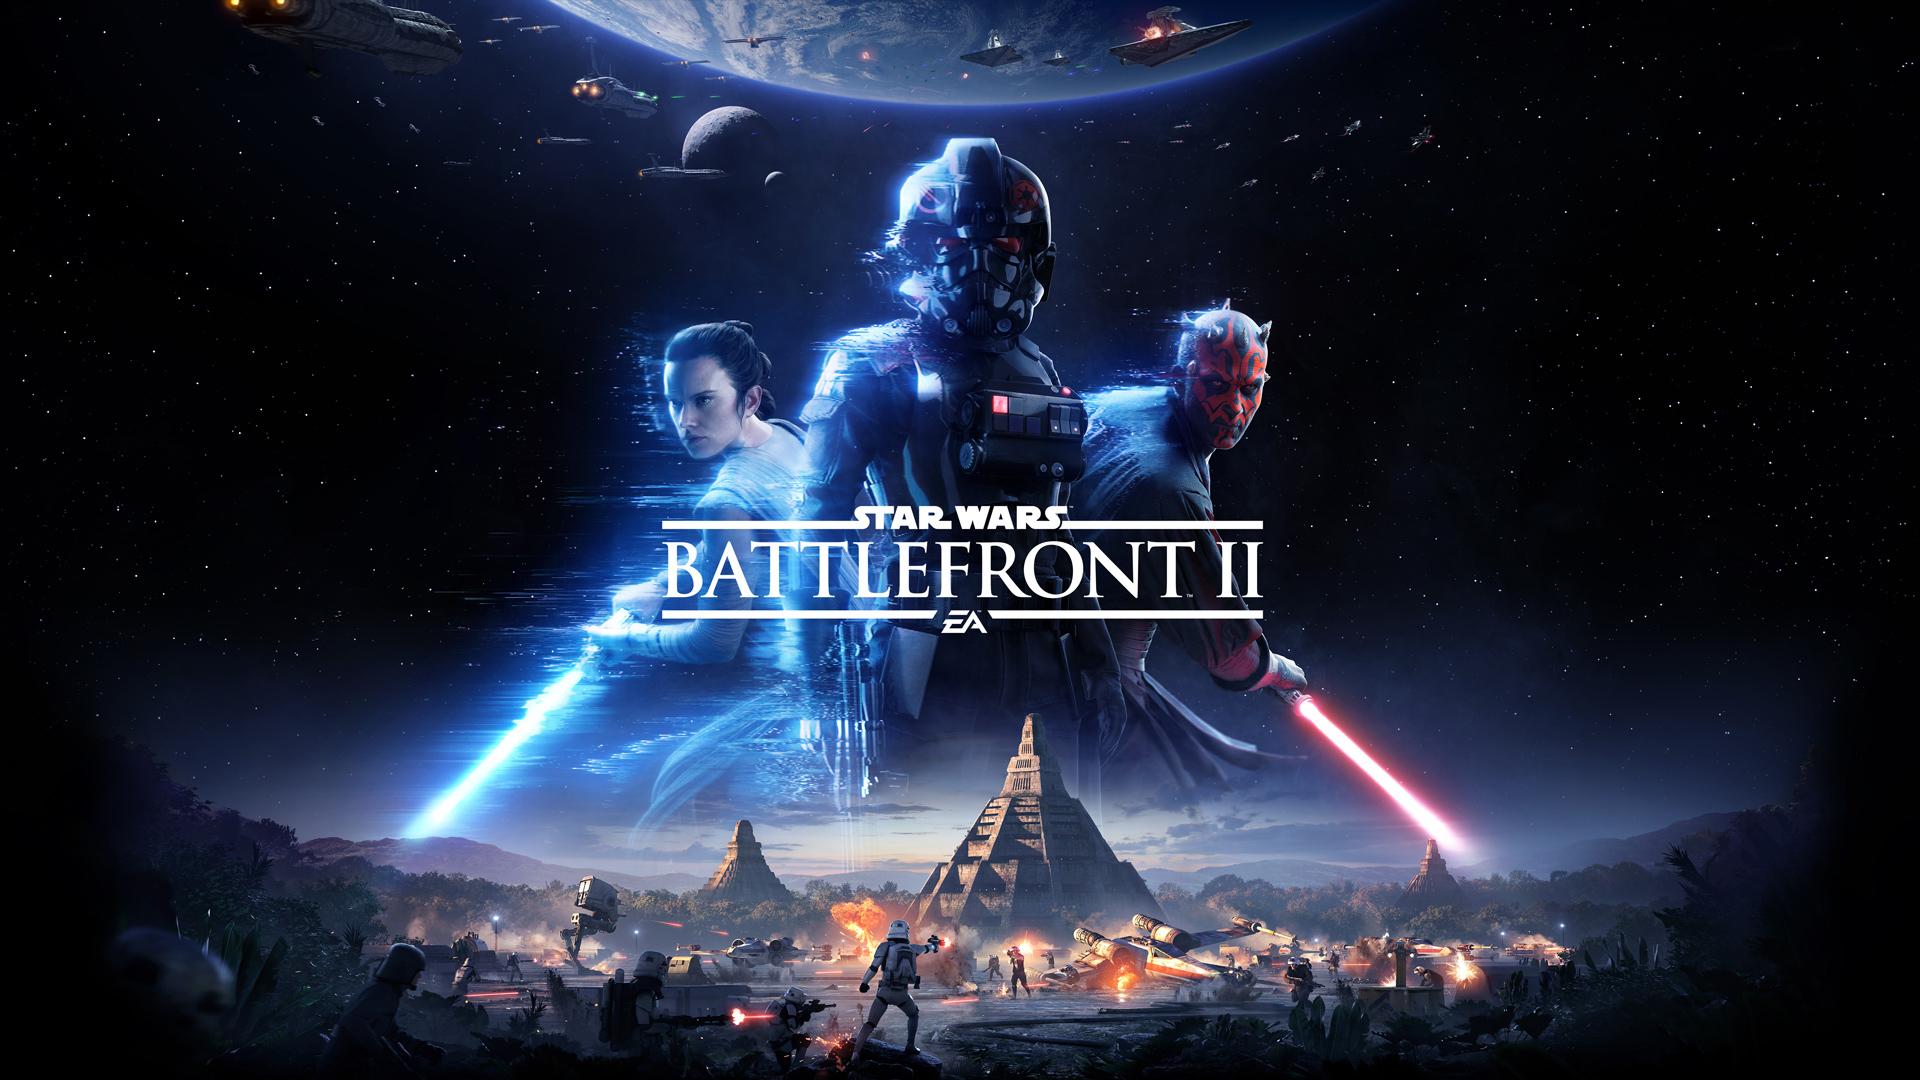 Star Wars Battlefront 2: Trailer, nuevos personajes y campaña individual!